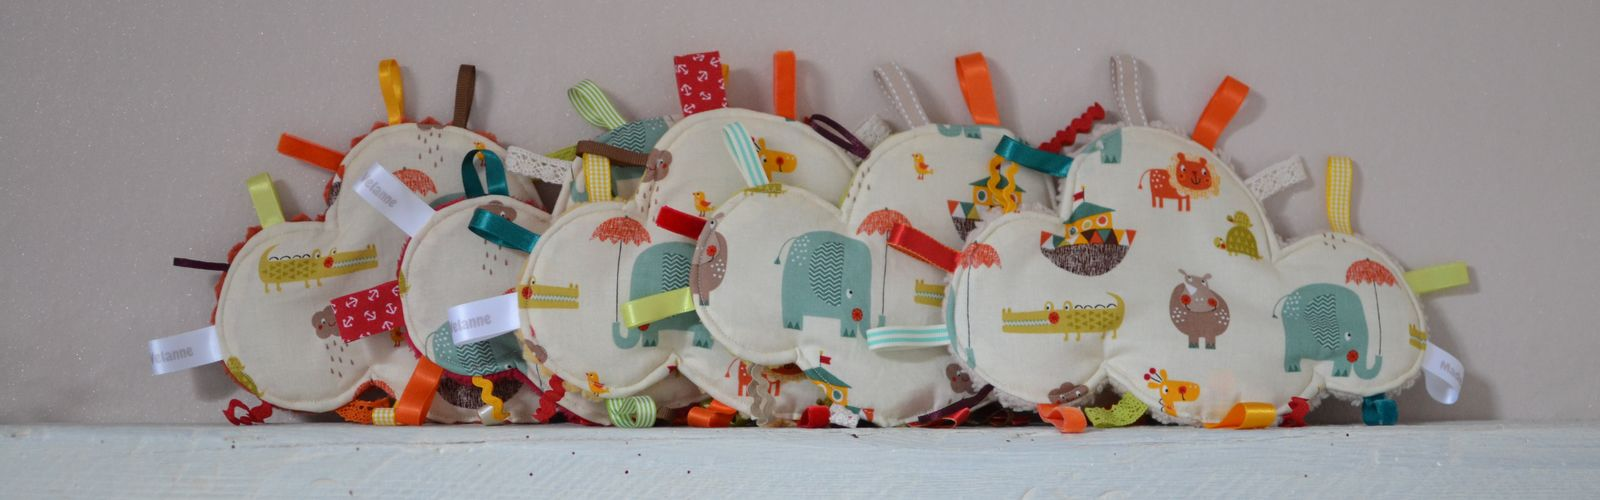 Collection de doudous étiquettes nuages tissu animaux colorés arche de Noé #DDM73